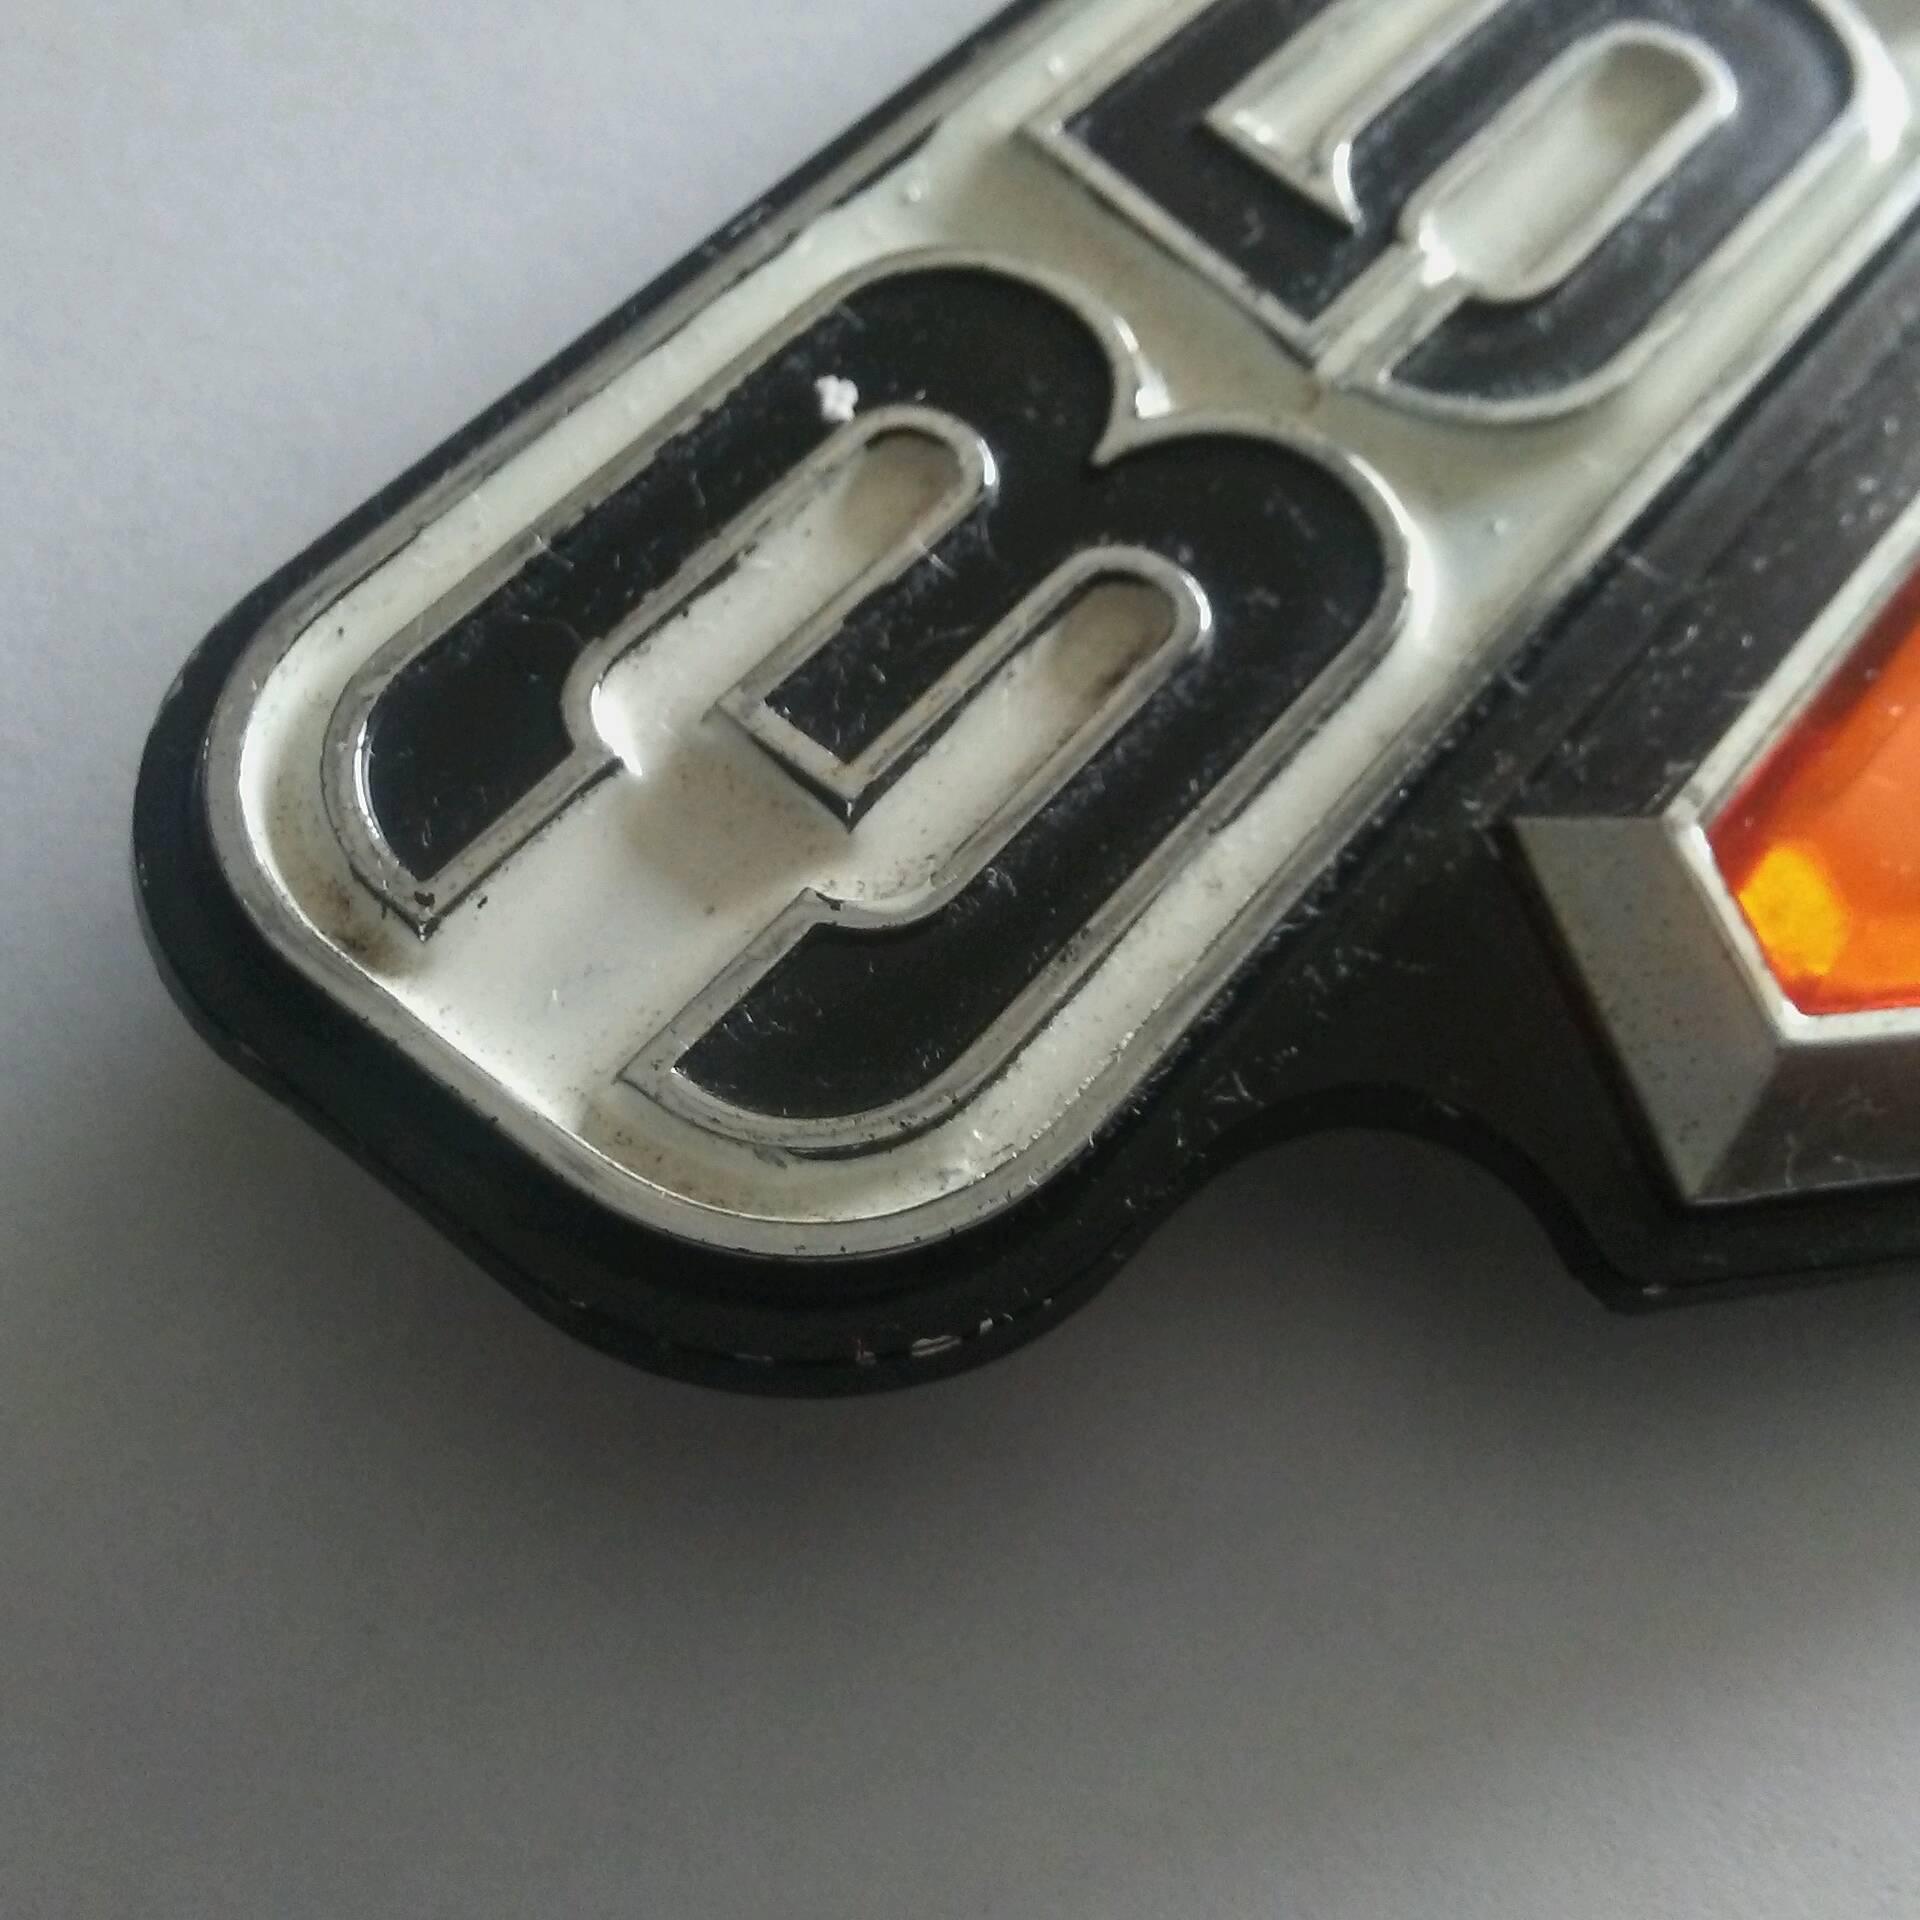 1973 CB350 & 1971 CB350 Parts-20180812_113155.jpg